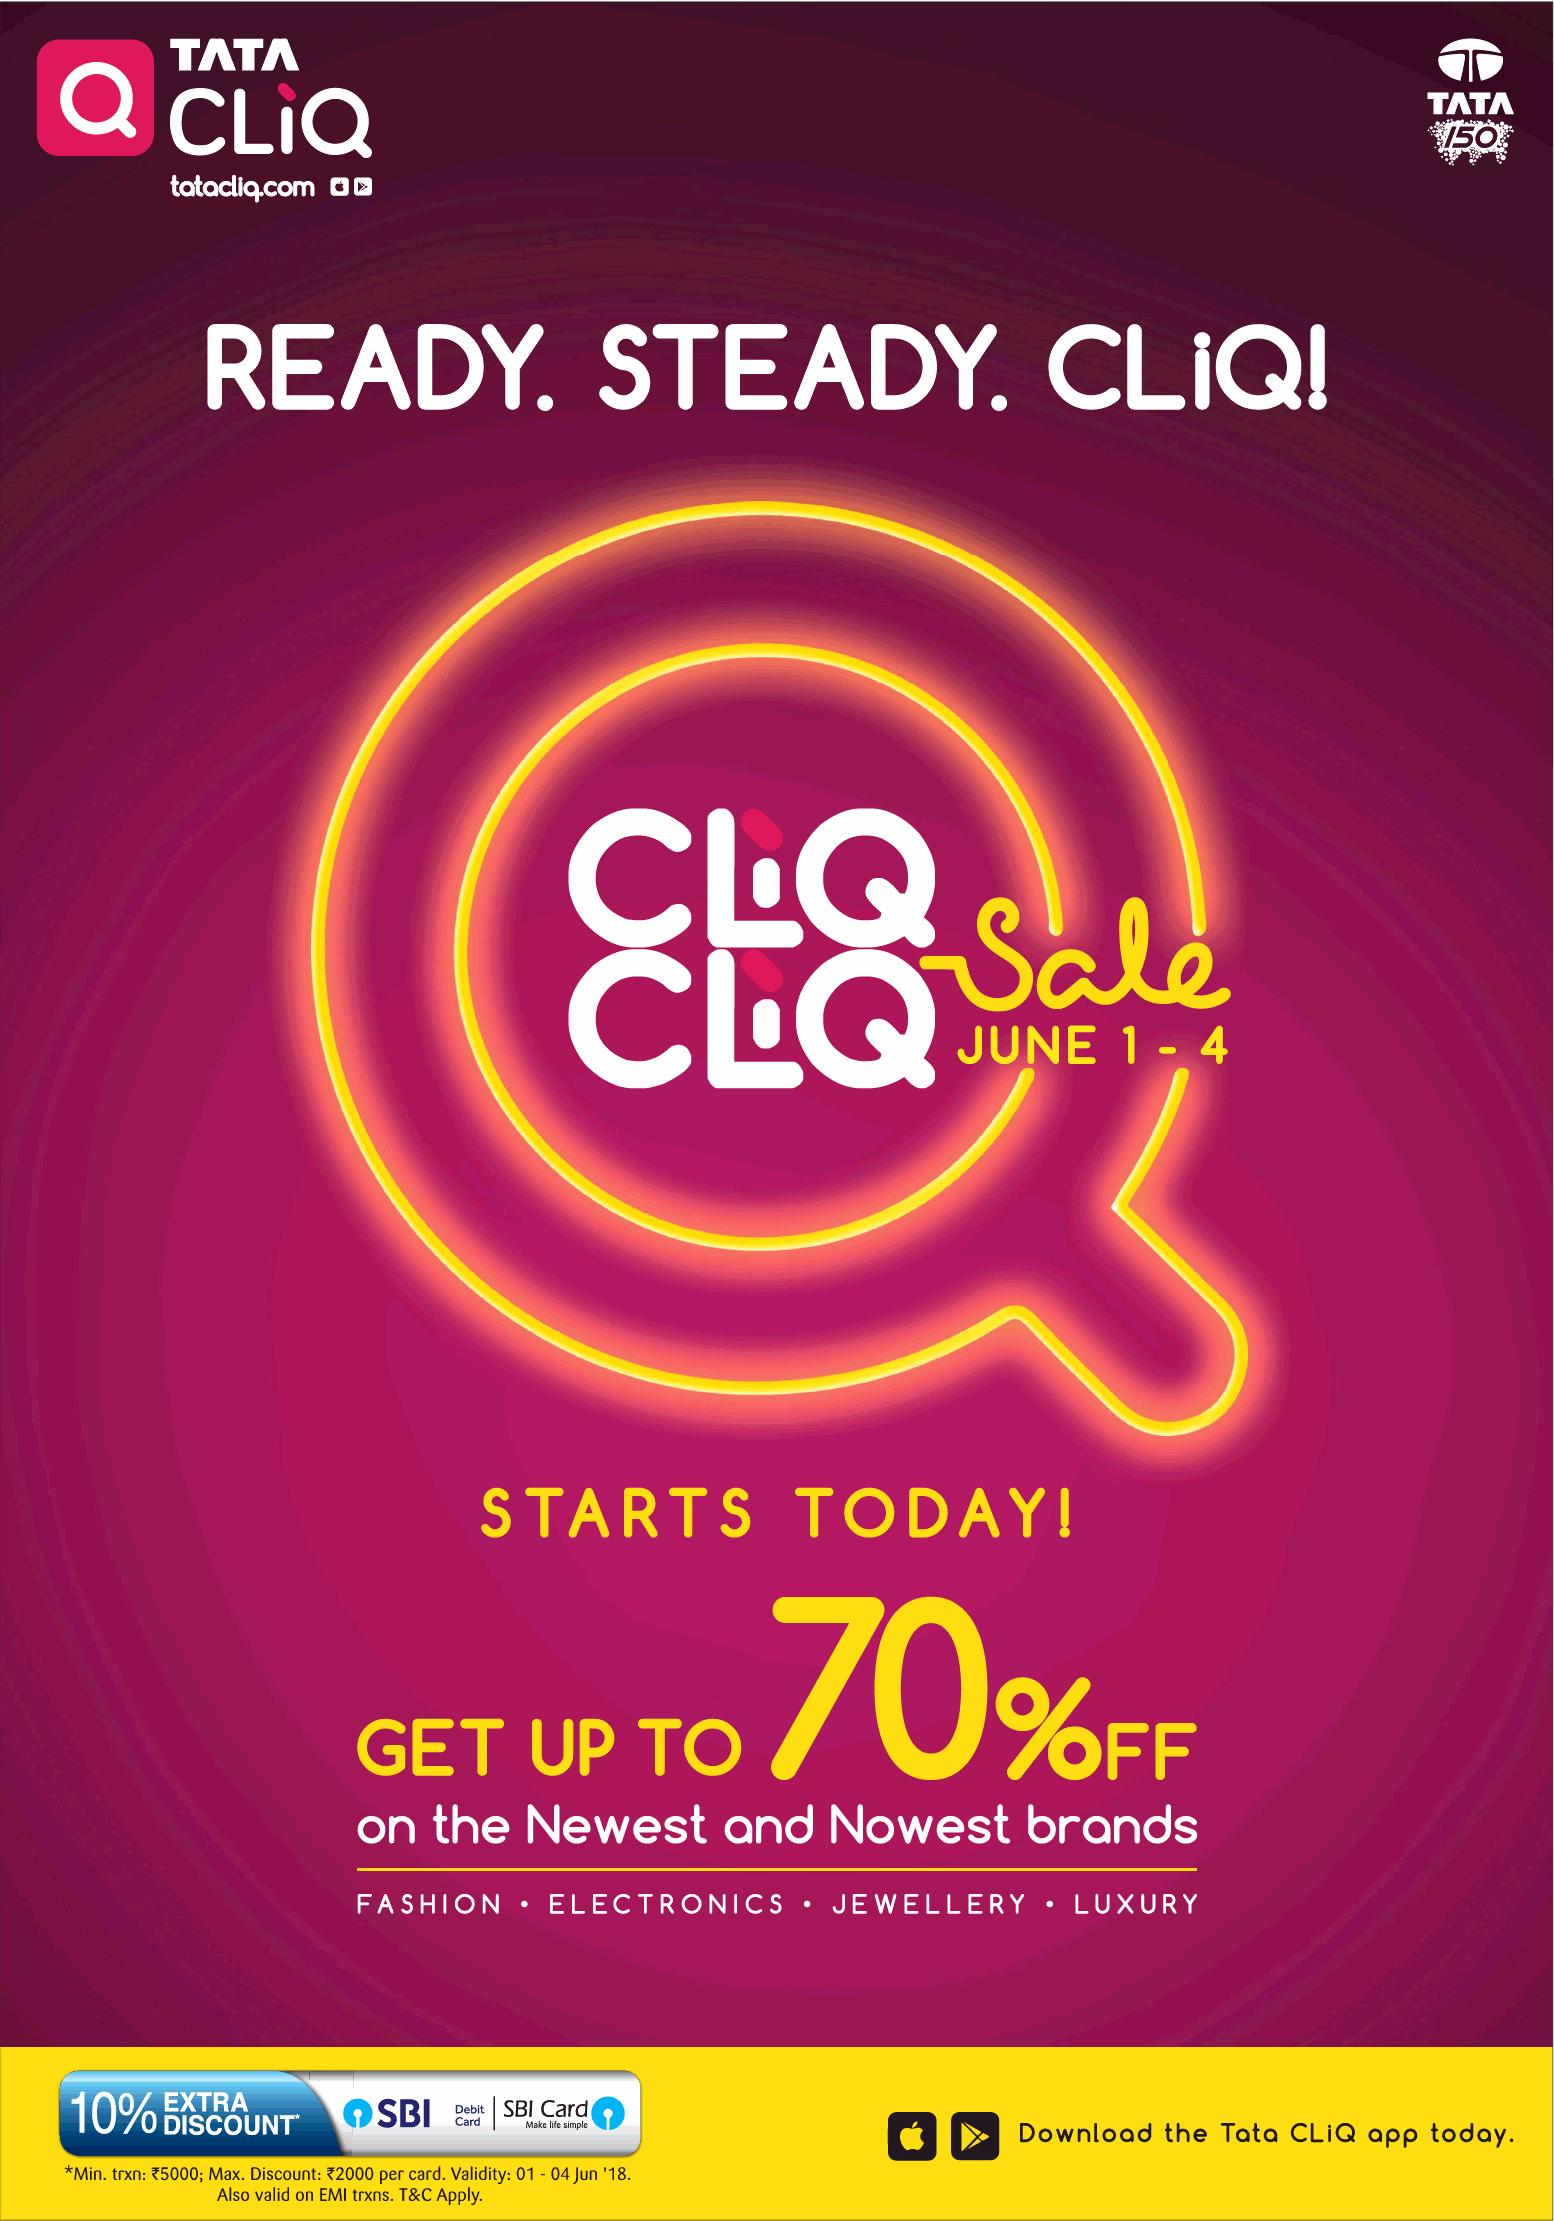 bcdff8f0e0f Tata Cliq Cliq Cliq Sale Get Upto 70% Off Ad - Advert Gallery